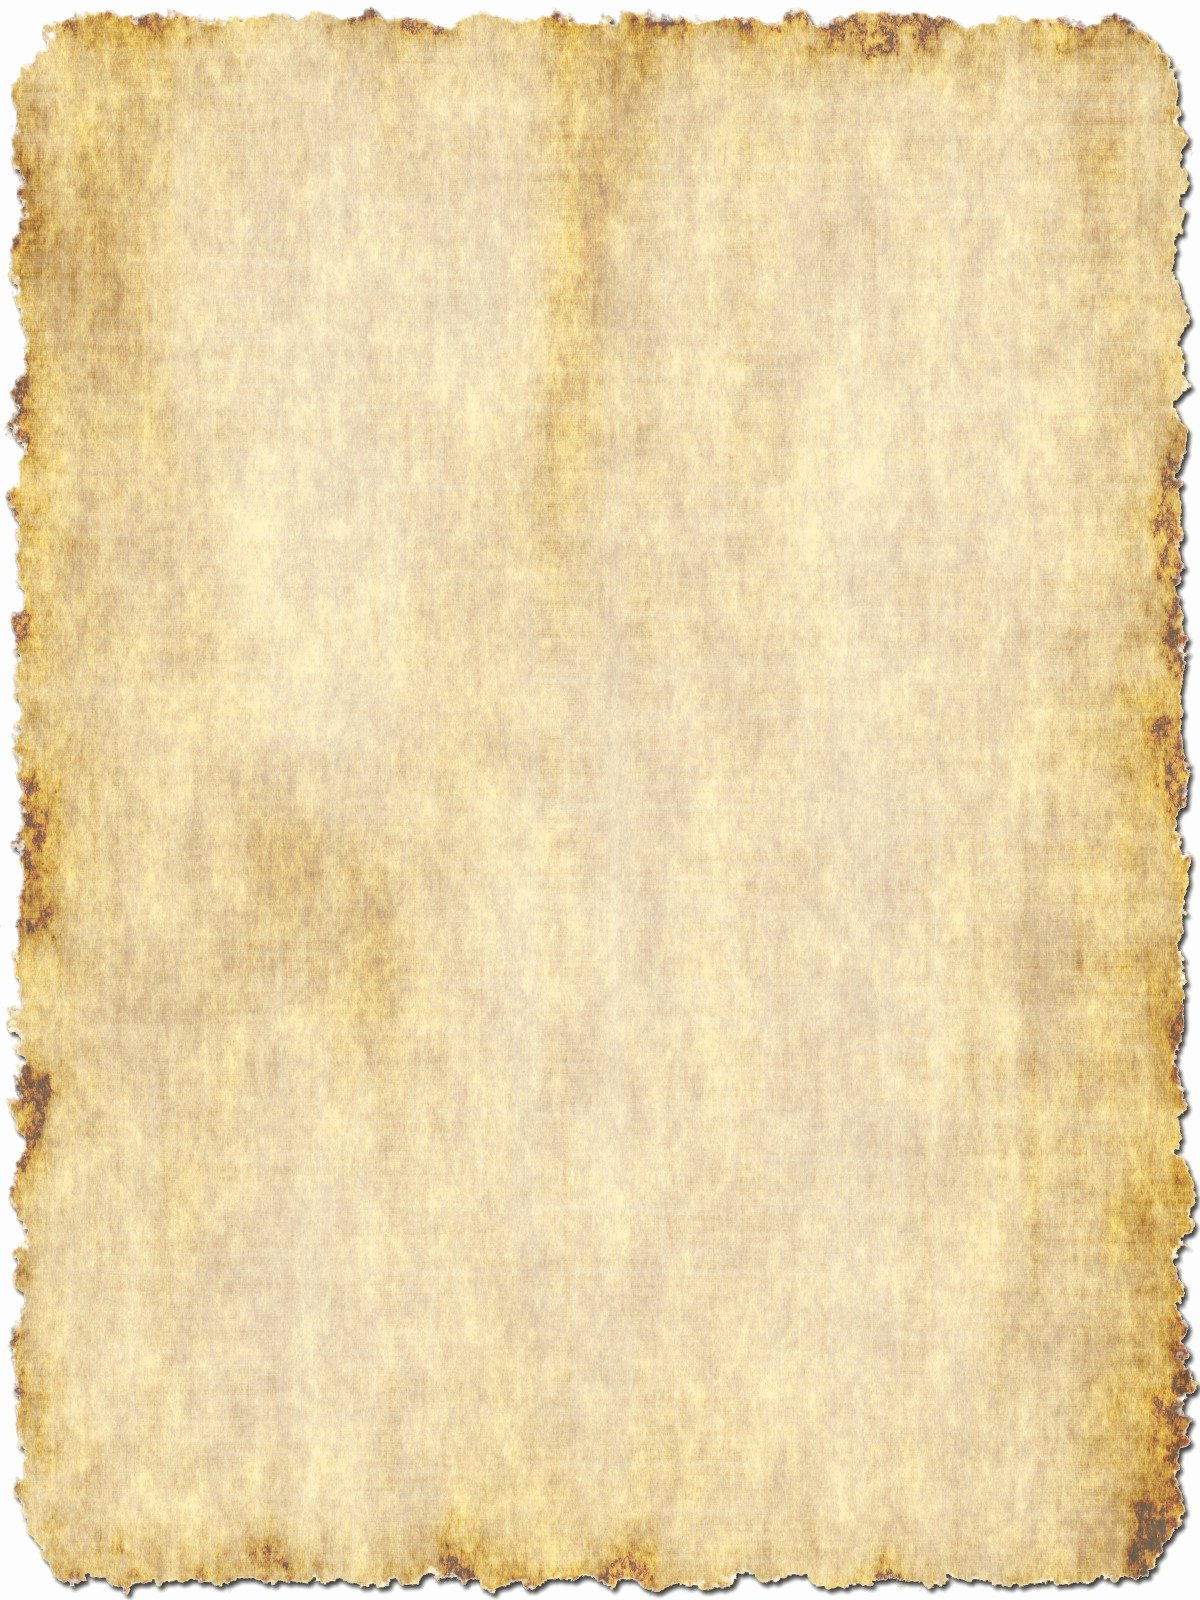 3 parchment textures